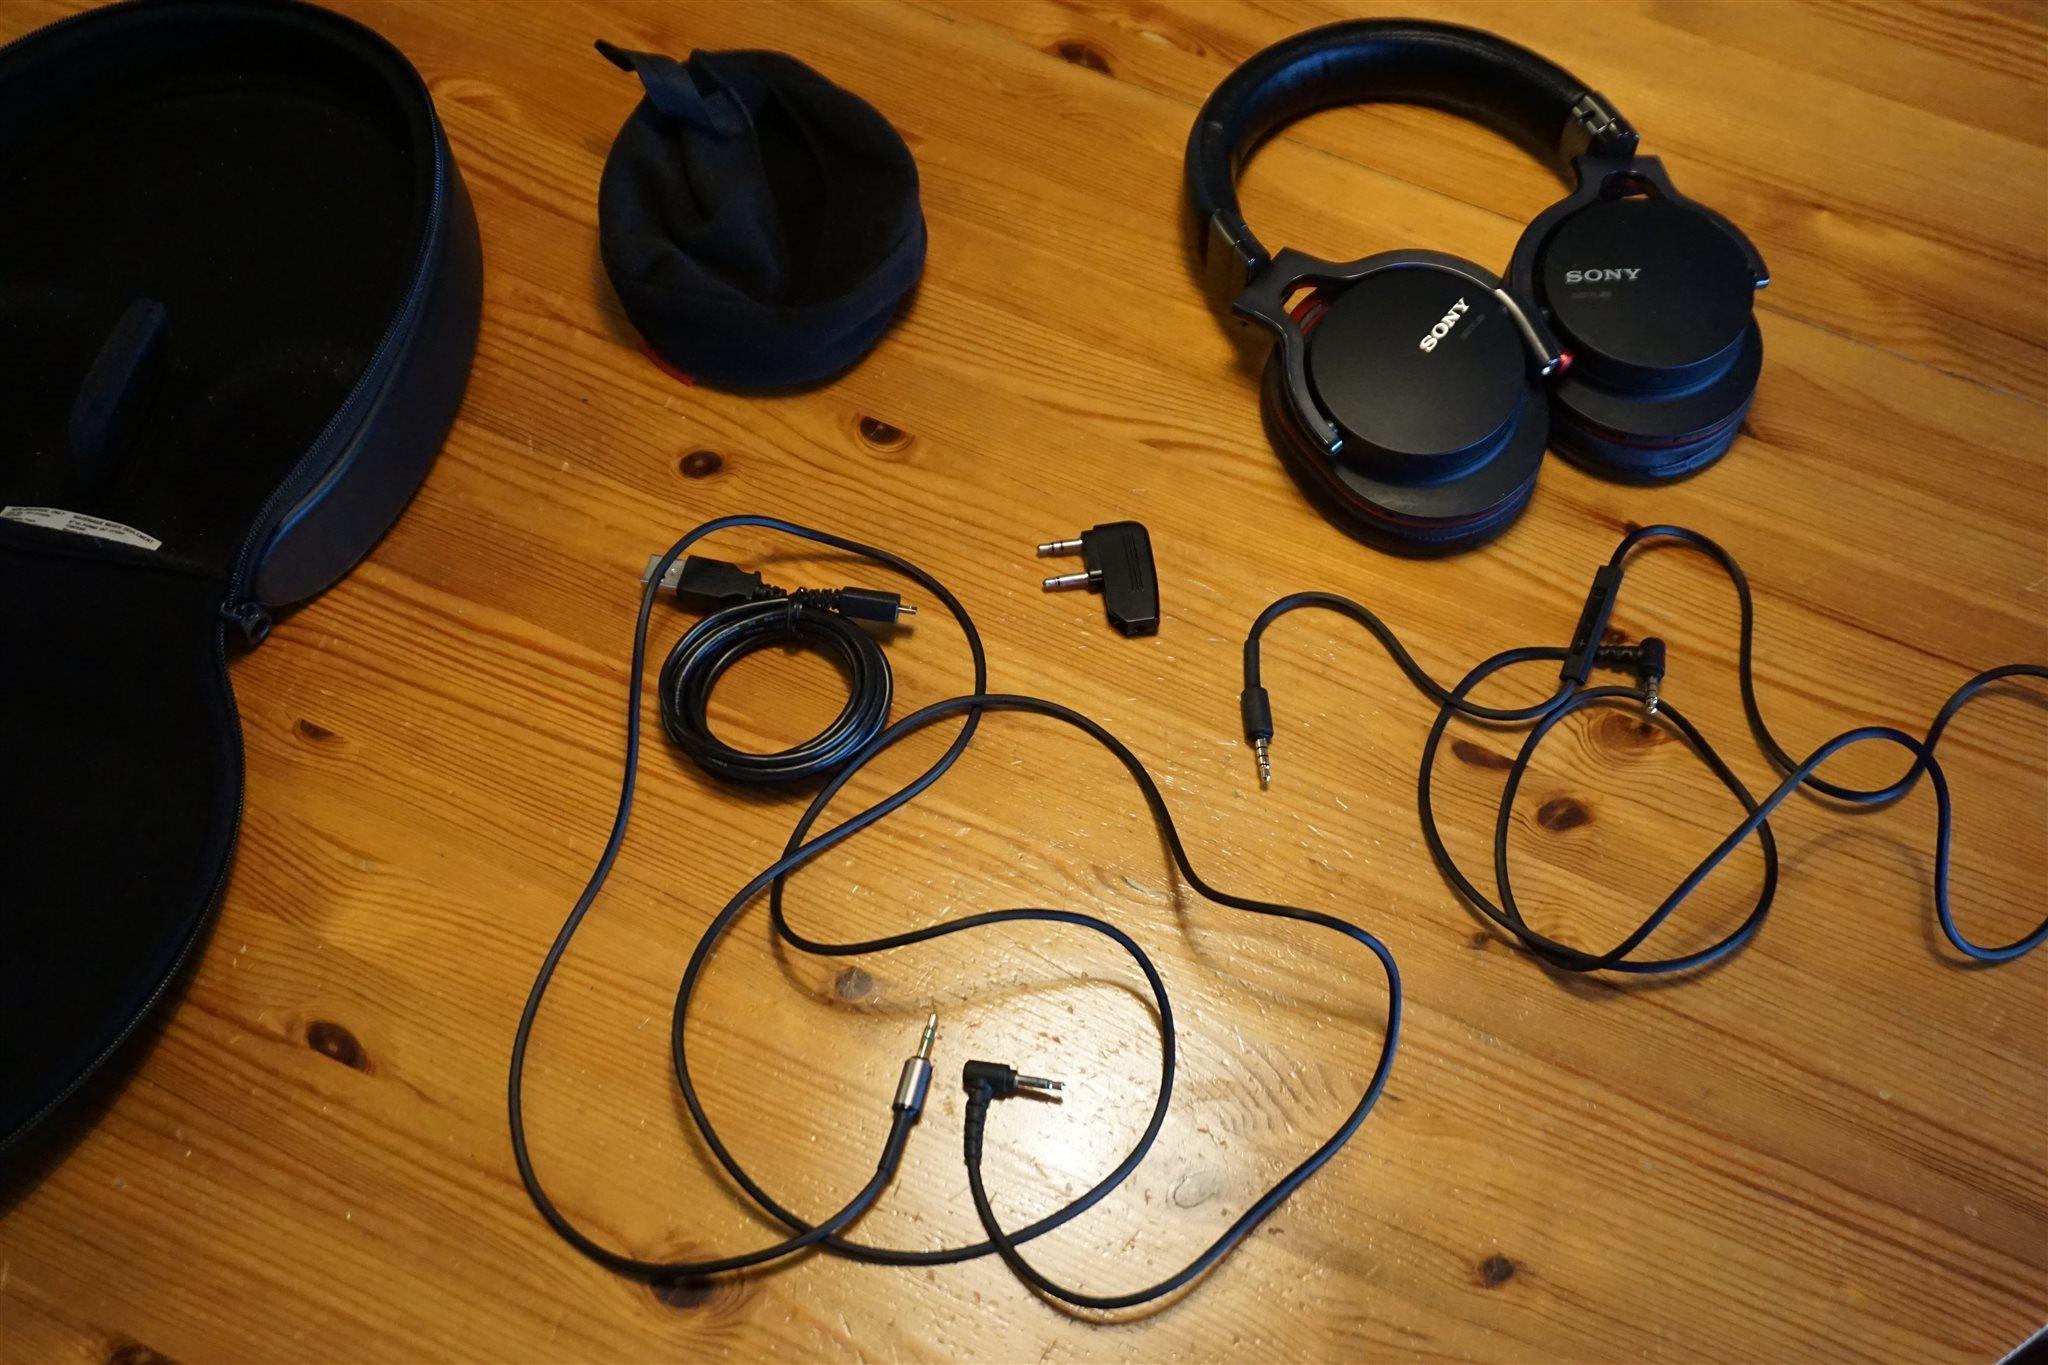 Noise cancelling hörlurar Sony MDR-1RNC (335143815) ᐈ Köp på Tradera 8d327ee1343e4